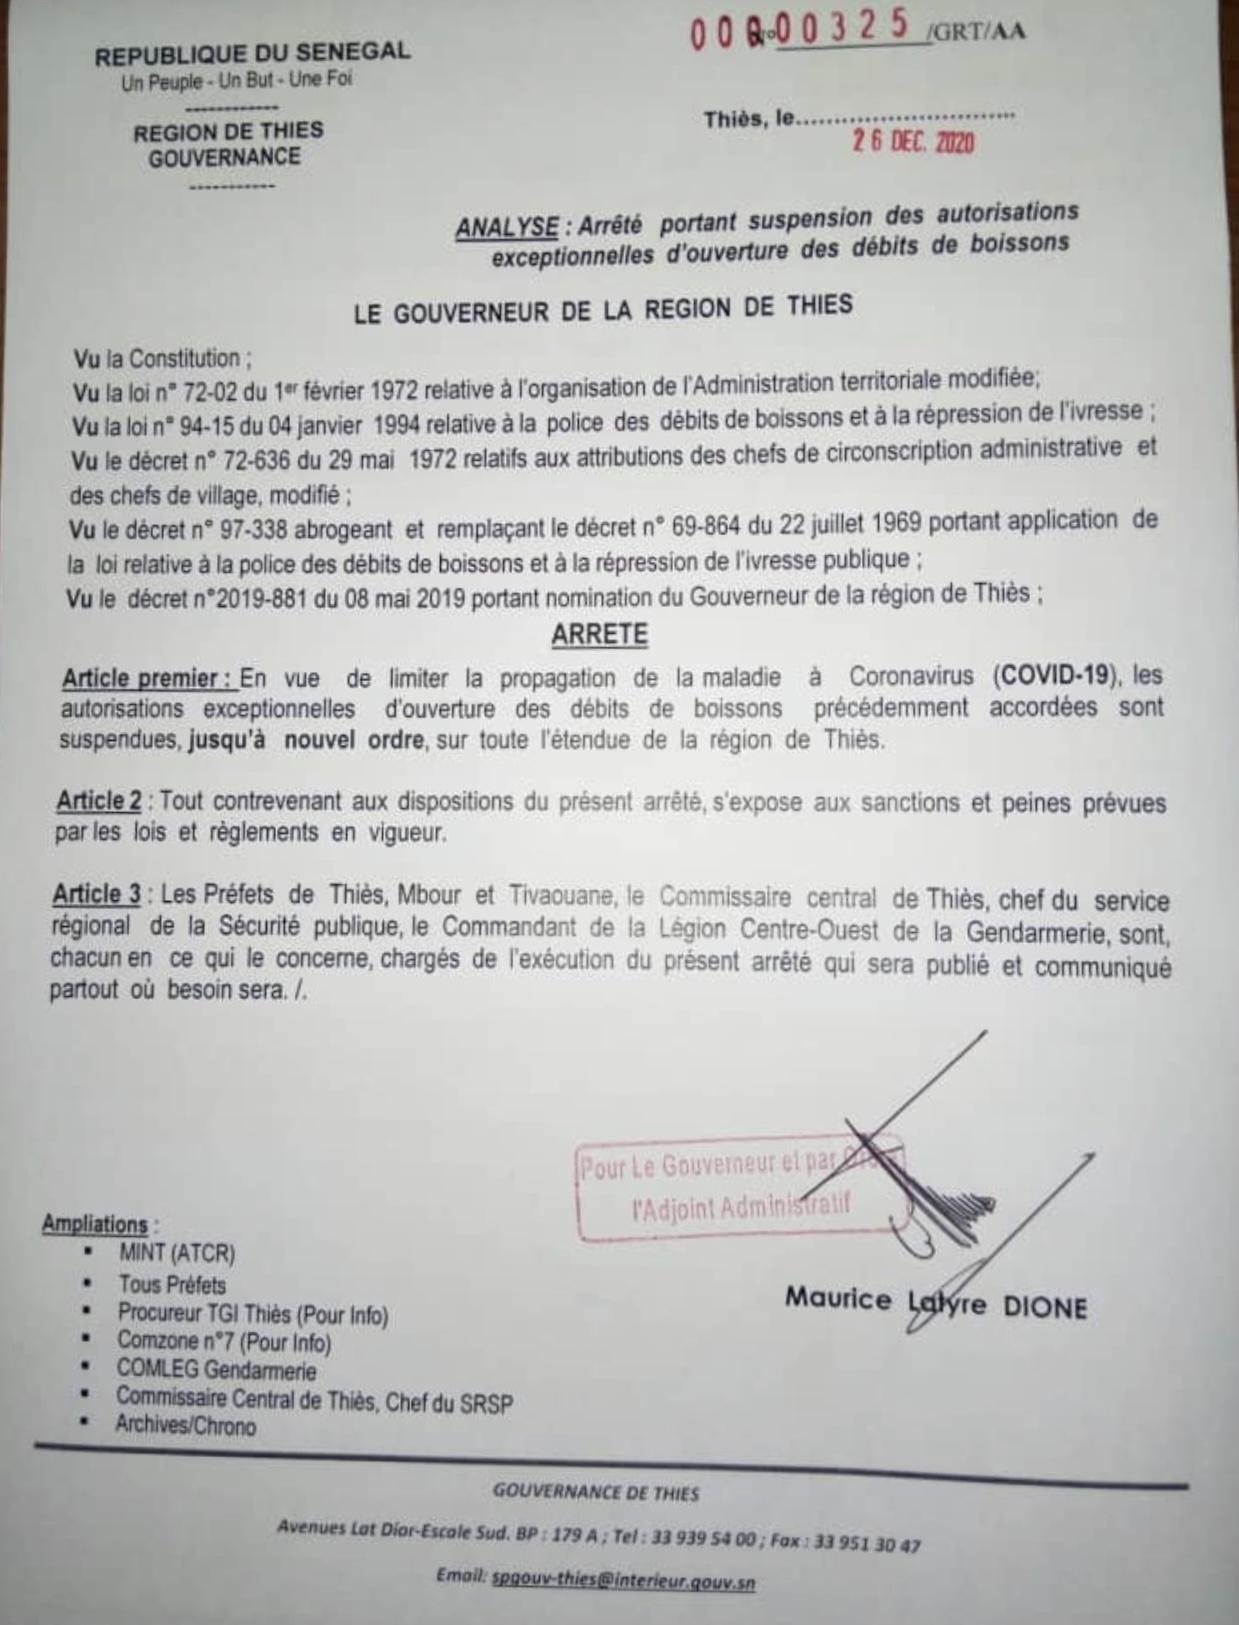 Covid-19 à Thiès : Le Gouverneur ferme les débits de boissons... (DOCUMENT)